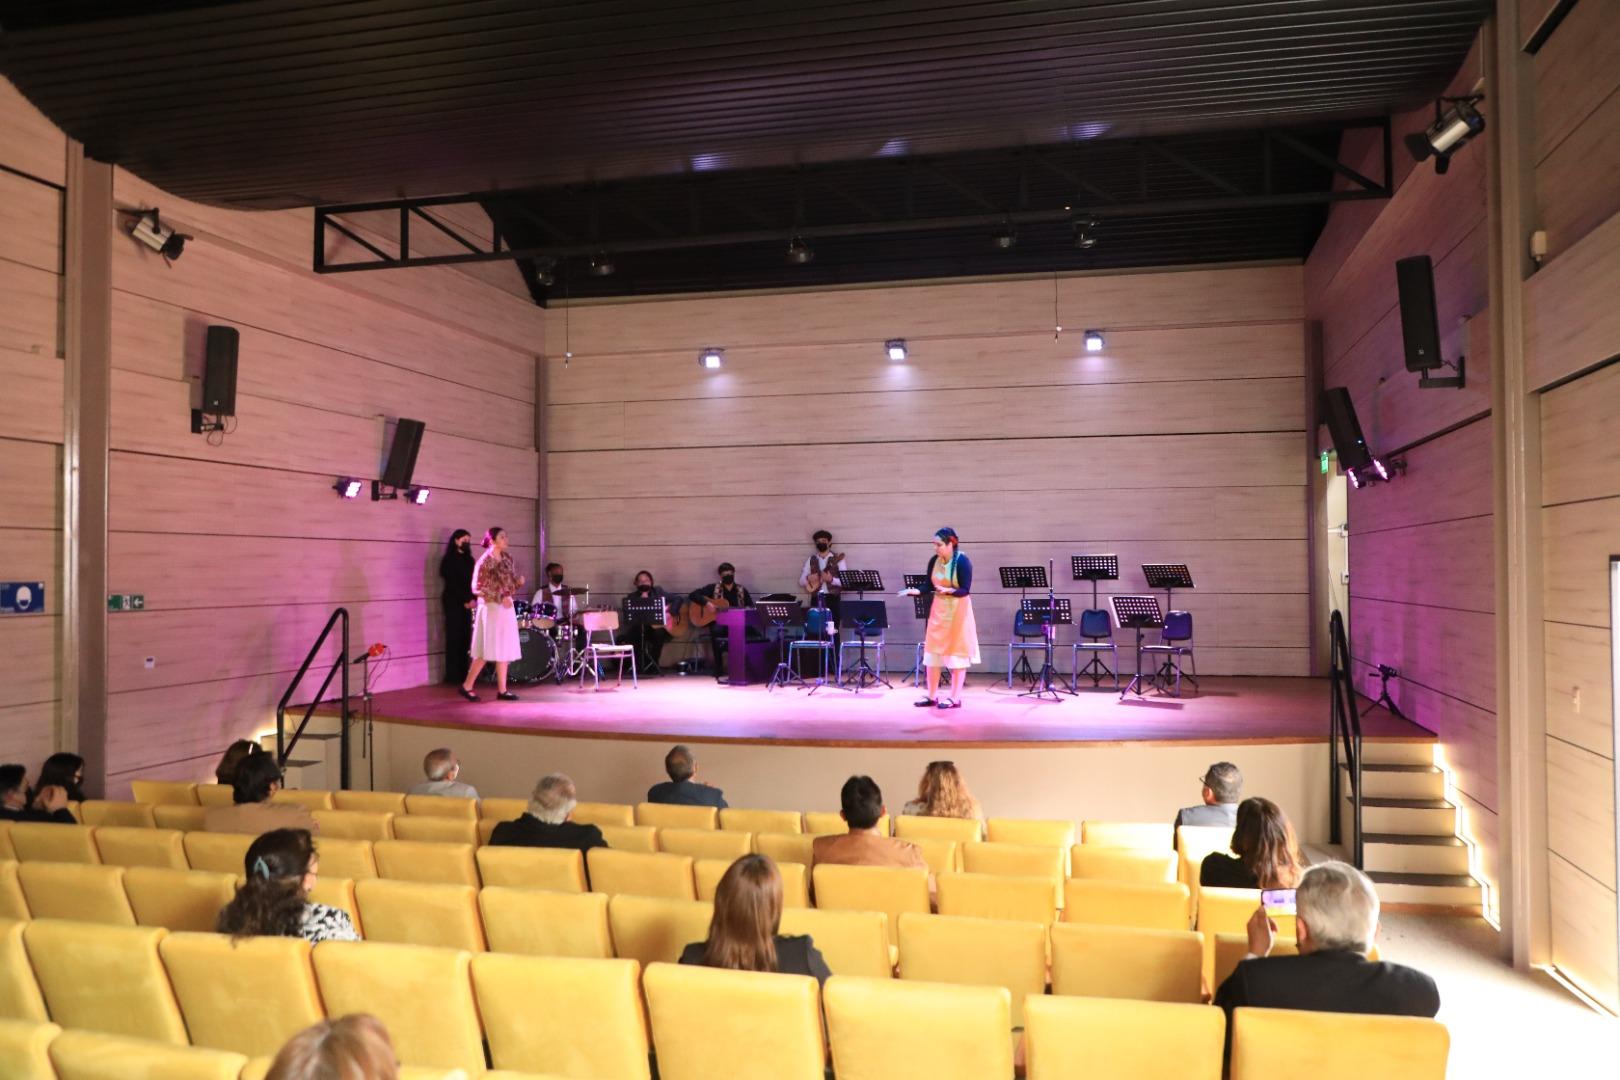 Cormudesi inaugura moderno teatro público en Escuela Artística Violeta Parra